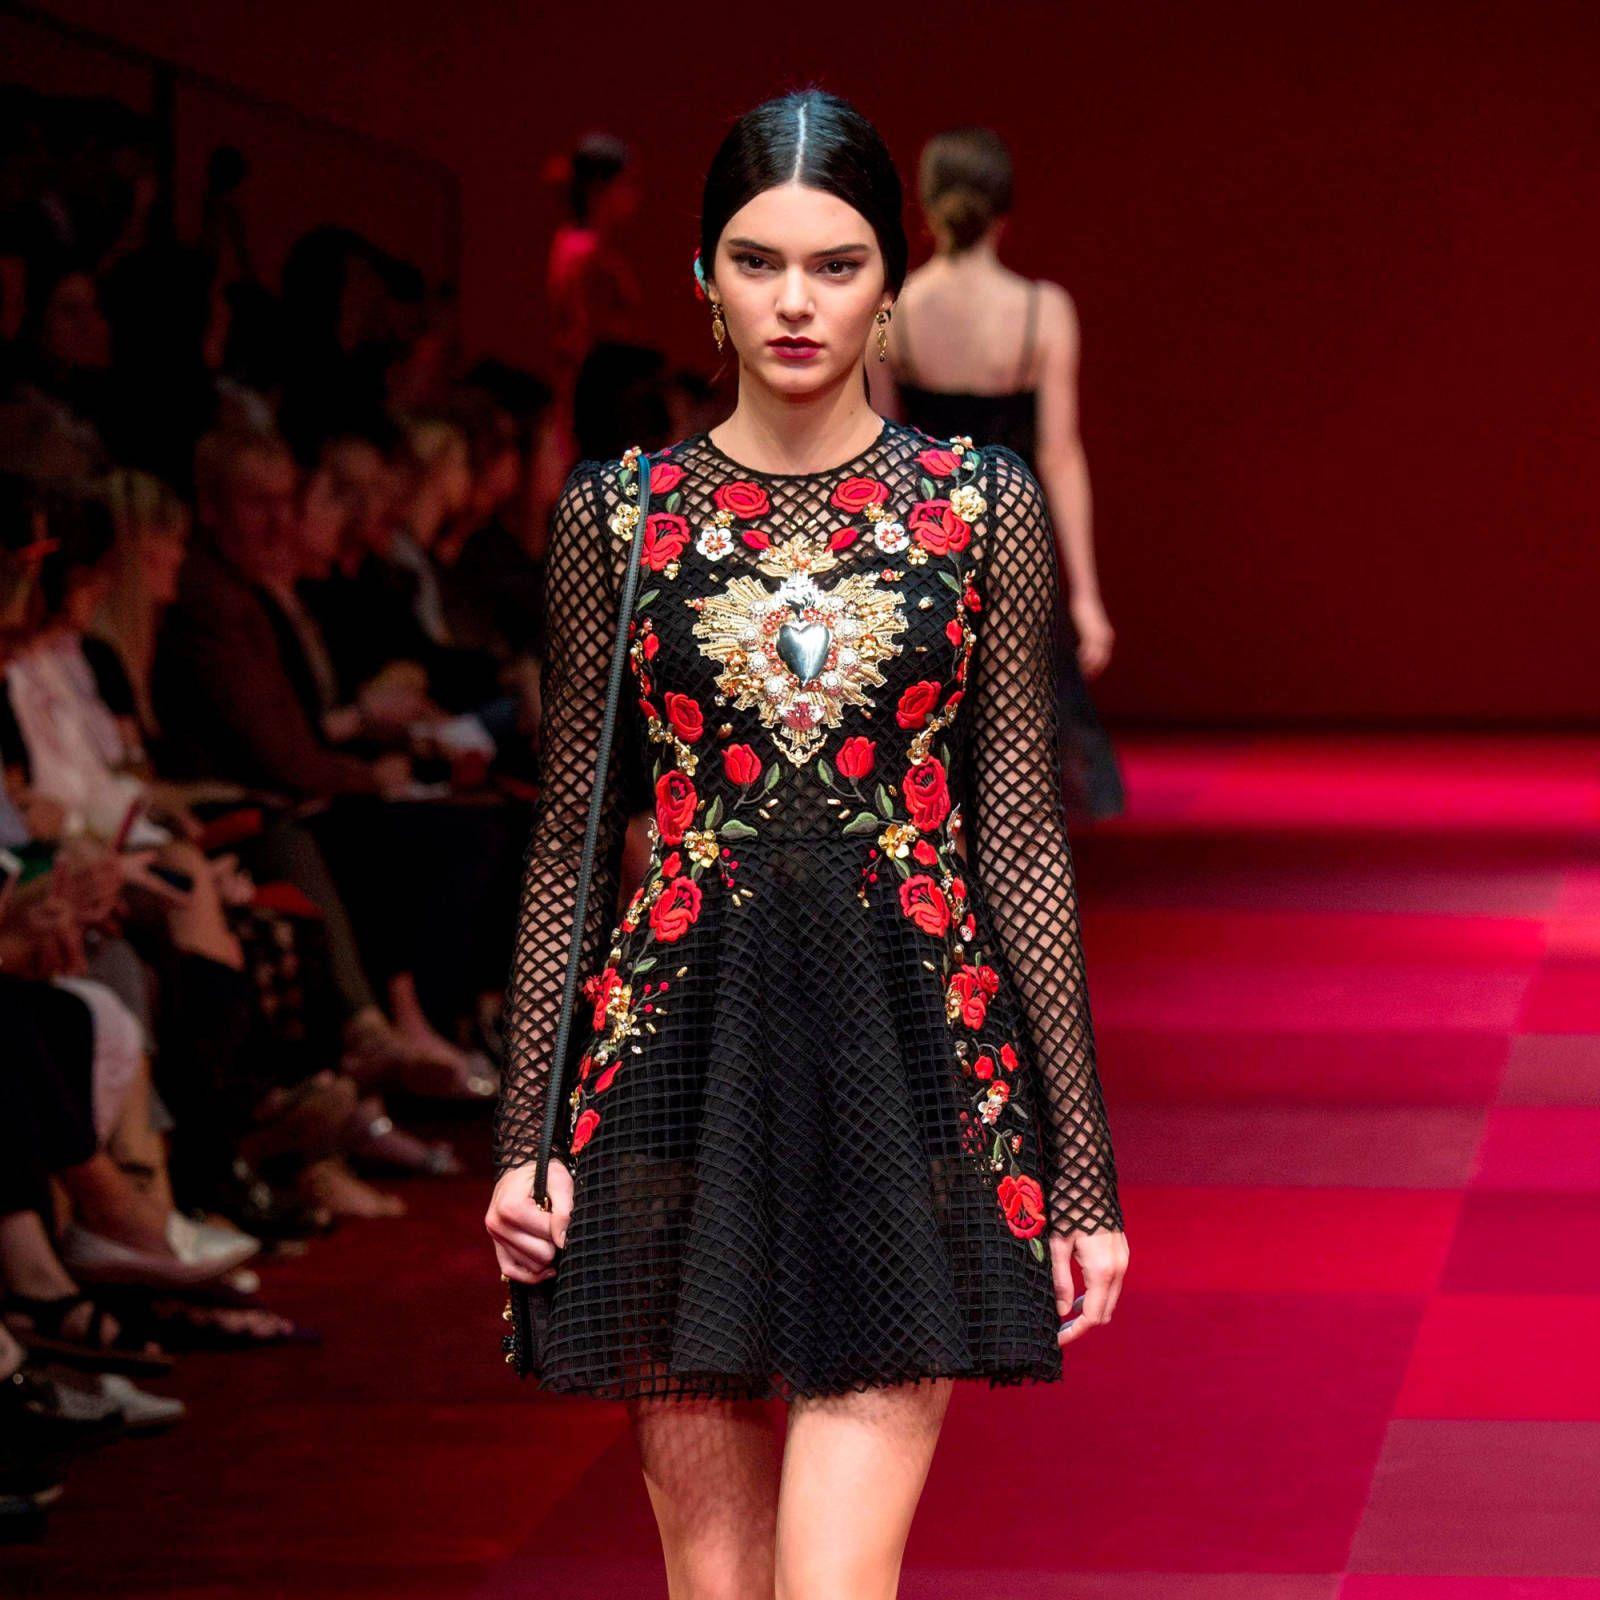 Dolce & Gabbana Spring 2015 at Milan Fashion Week